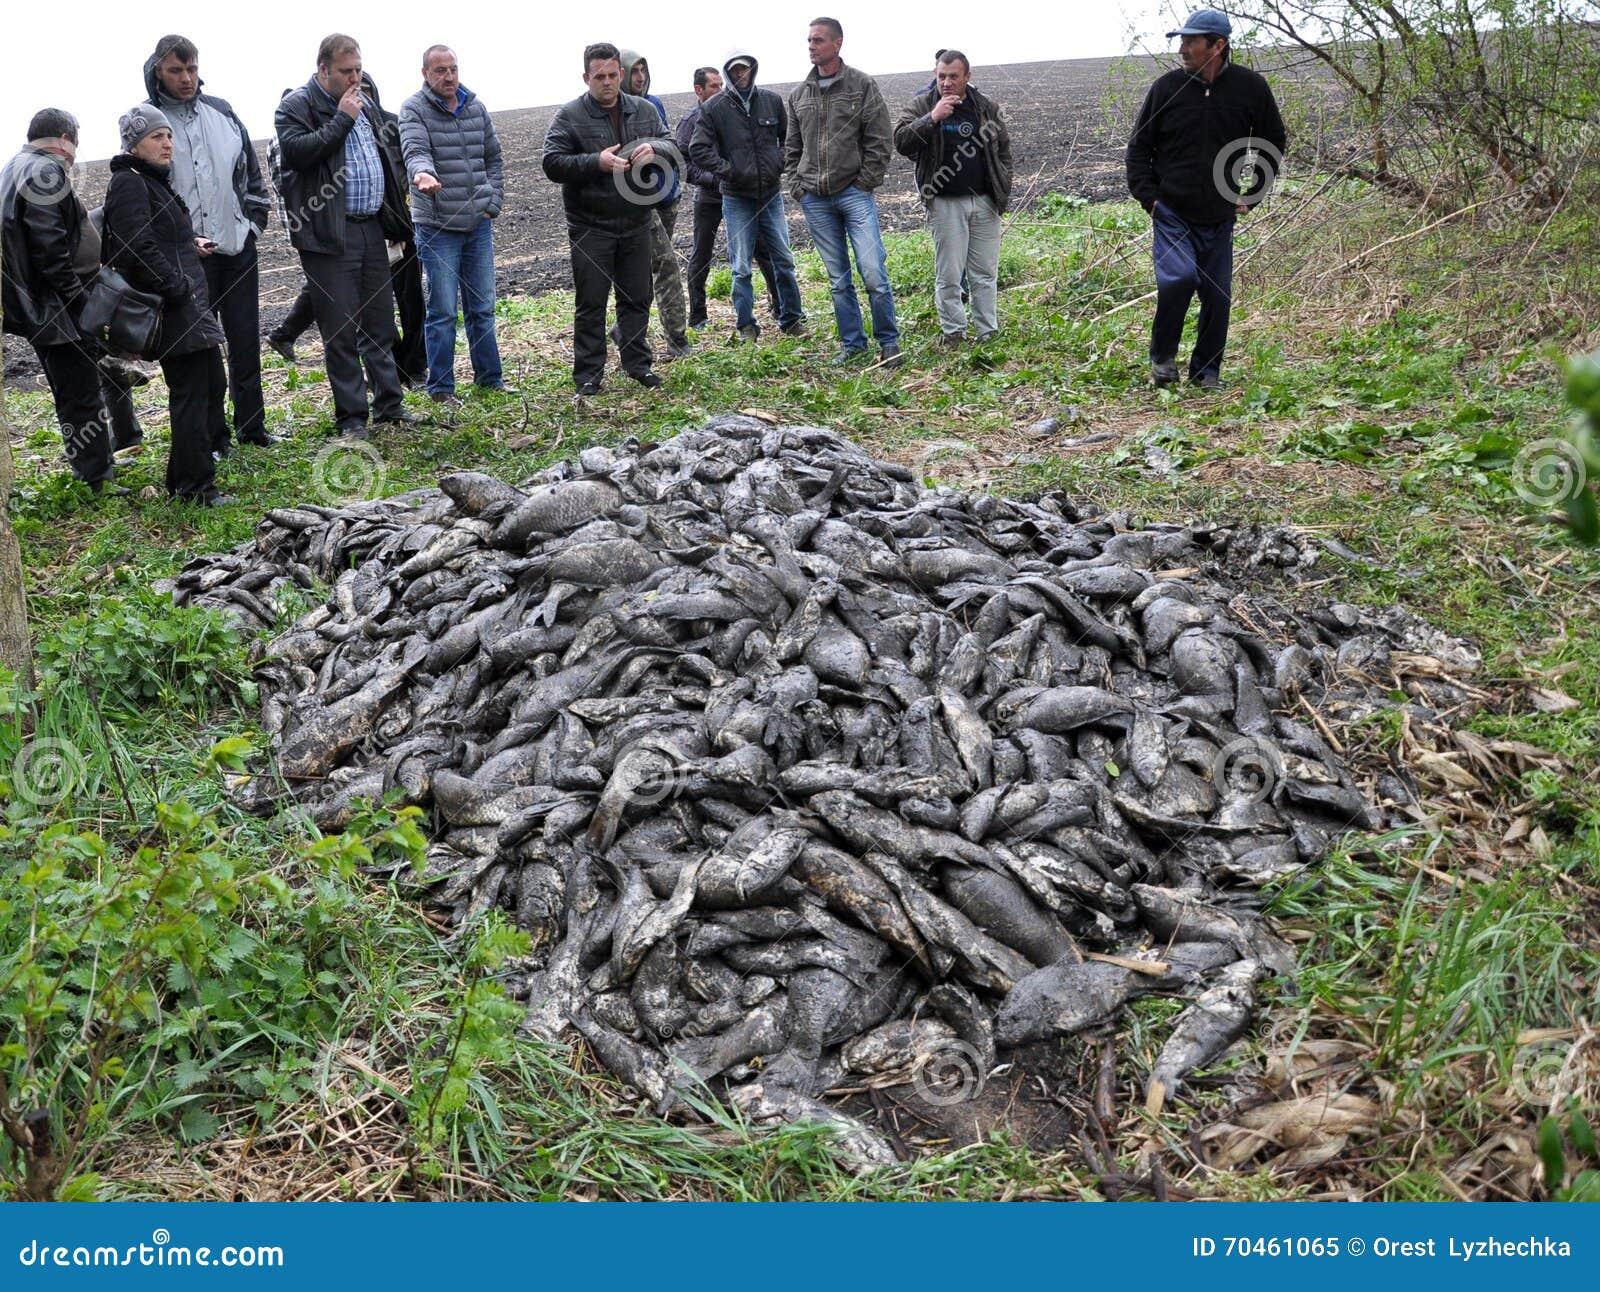 Get tete teichfische redaktionelles bild bild von for Teichfische preise